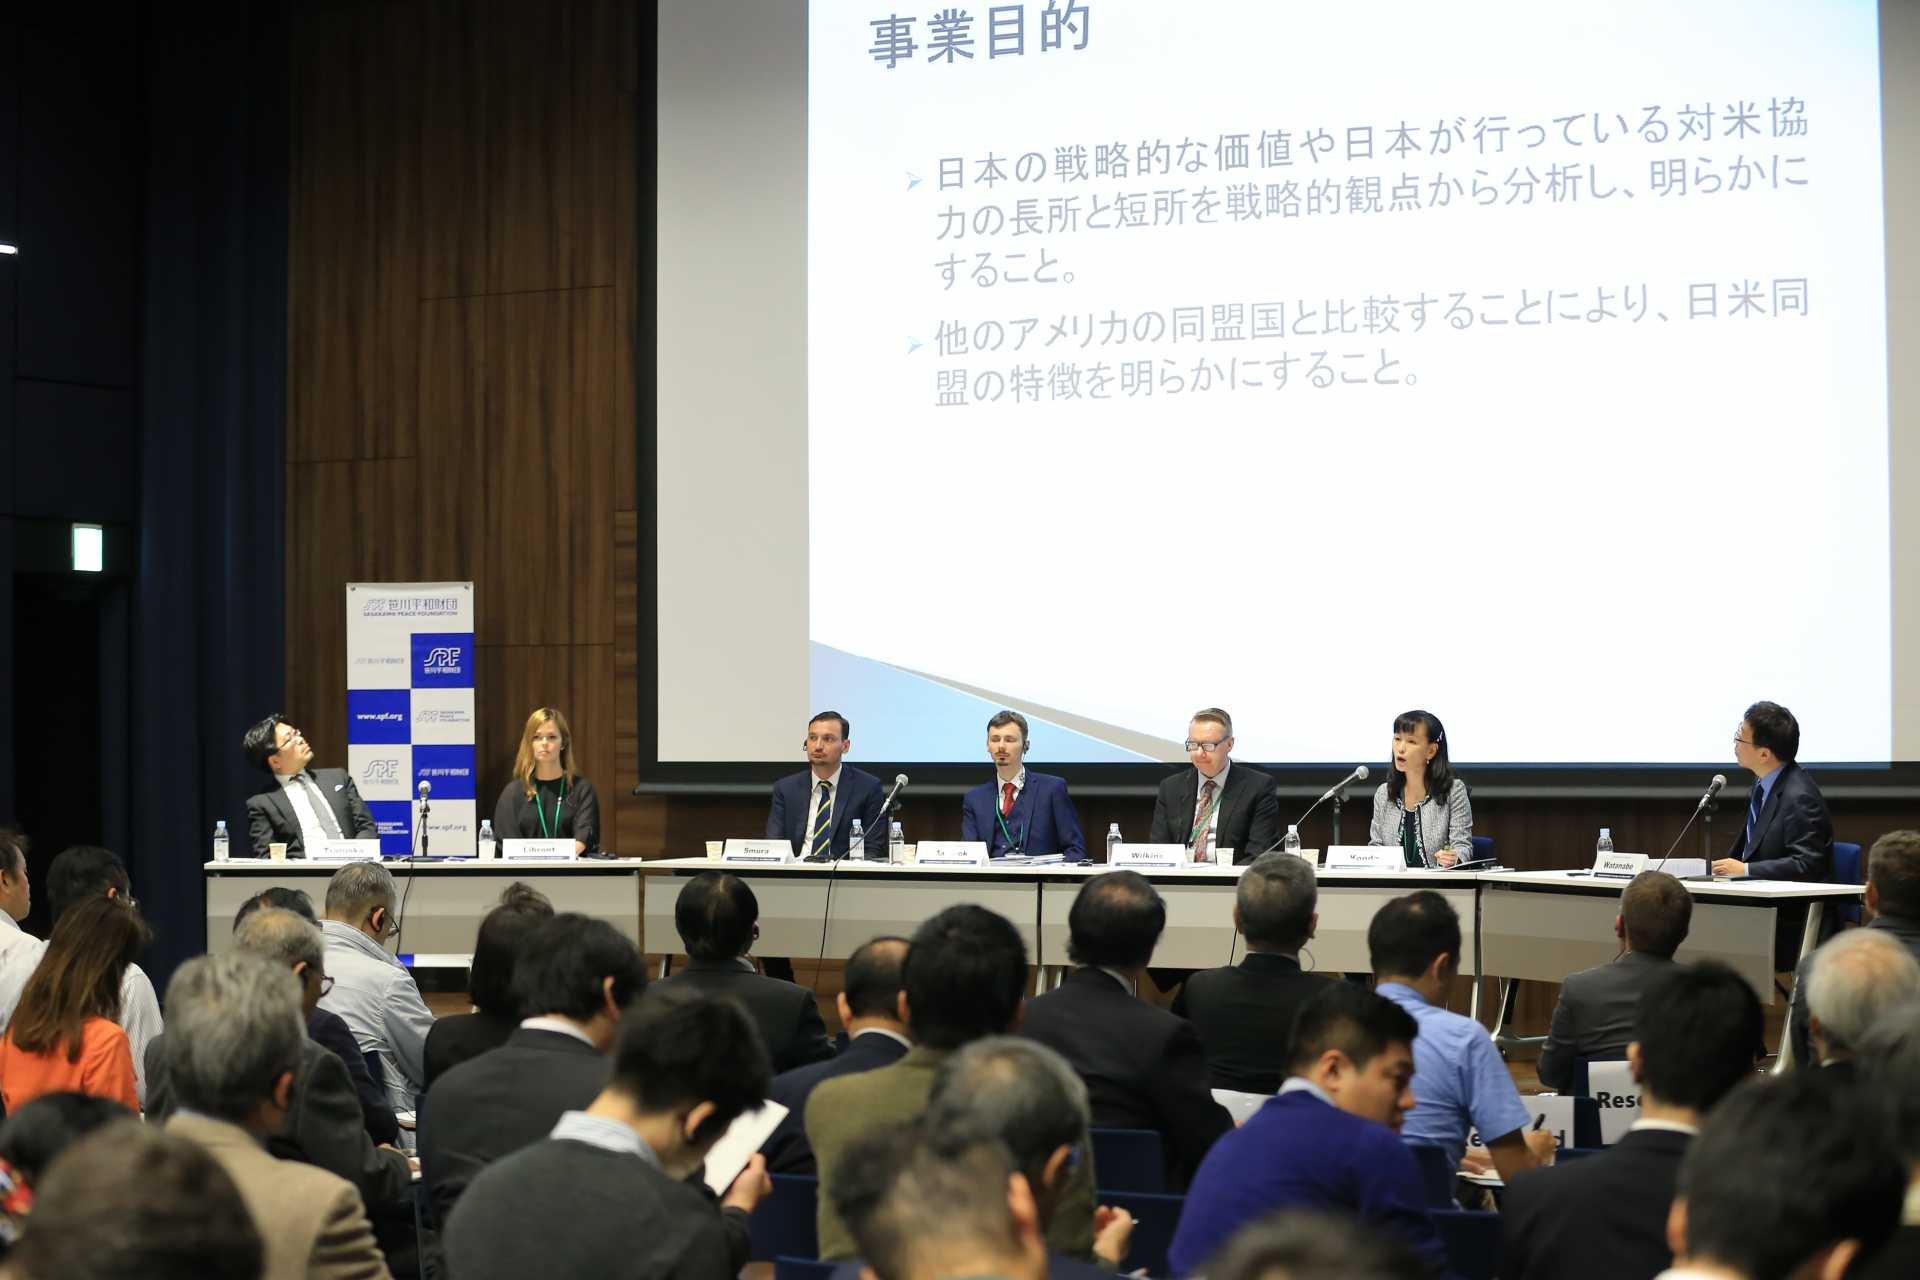 日米同盟は不公平か? アジアと欧州の同盟を比較する パネル講演会で討論